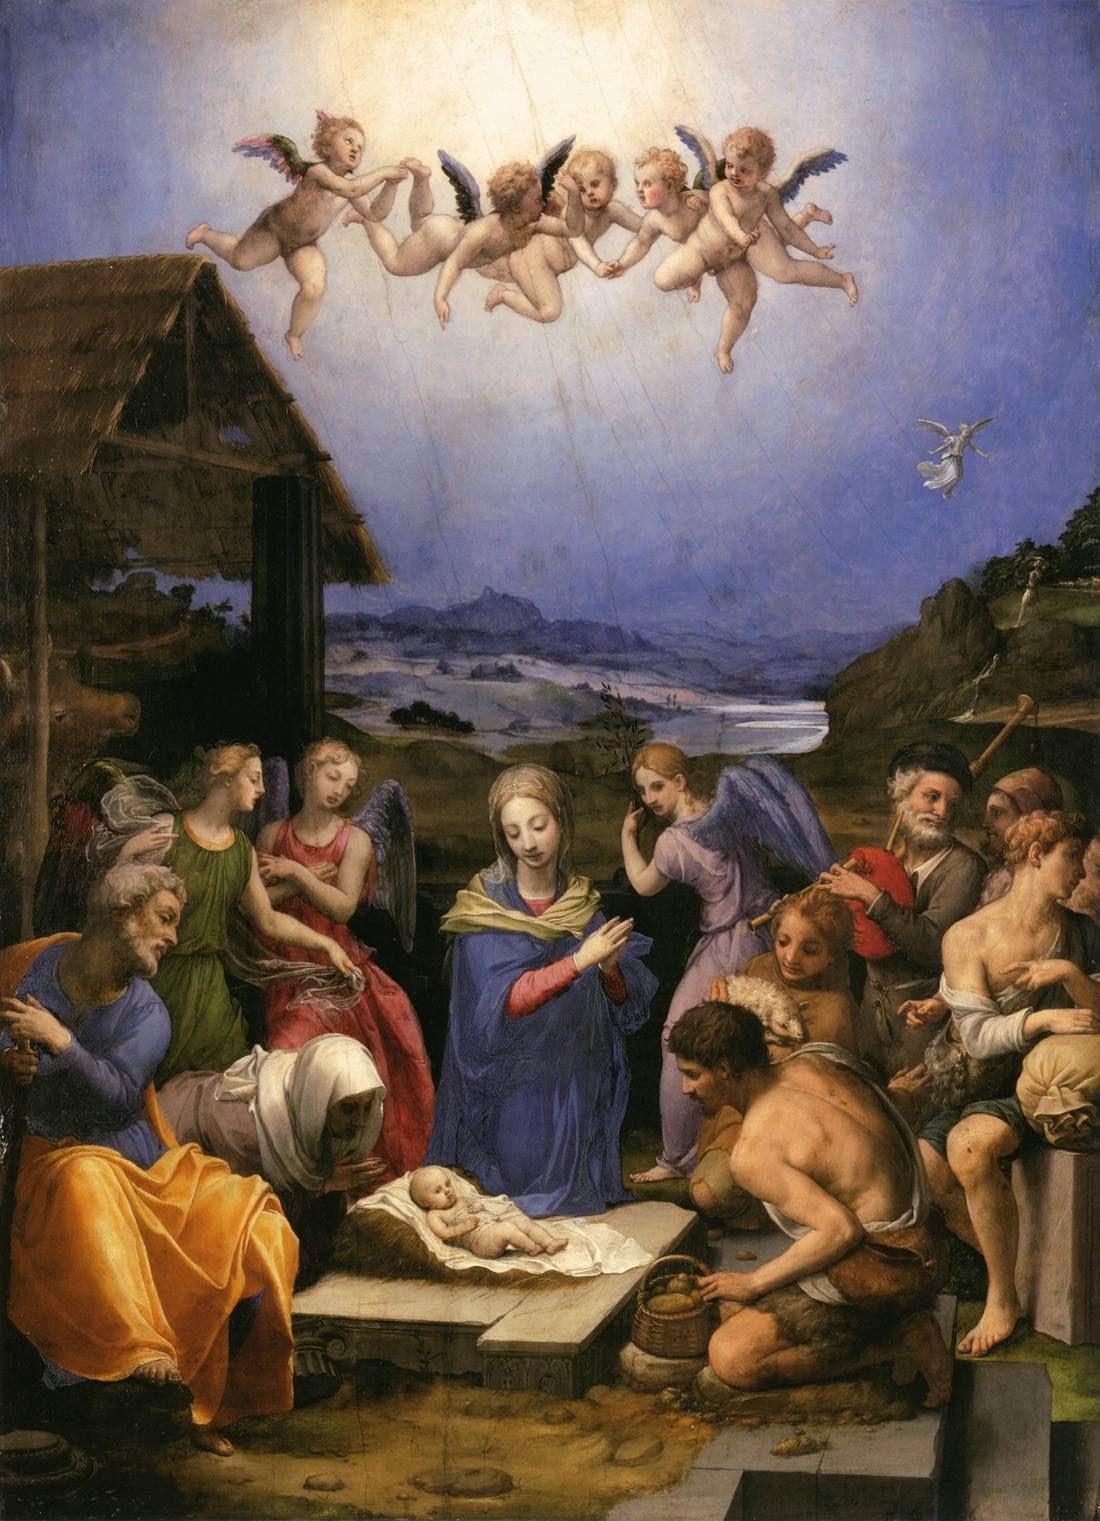 """""""Non temete: ecco, vi annuncio una grande gioia, che sarà di tutto il popolo: oggi, nella città di Davide, è nato per voi un Salvatore, che è Cristo Signore. Questo per voi il segno: troverete un bambino avvolto in fasce, adagiato in una mangiatoia"""" Lc 2, 10-12, Bronzino, Adorazione dei pastori, 1539, Museo di Belle Arti, Budapest."""